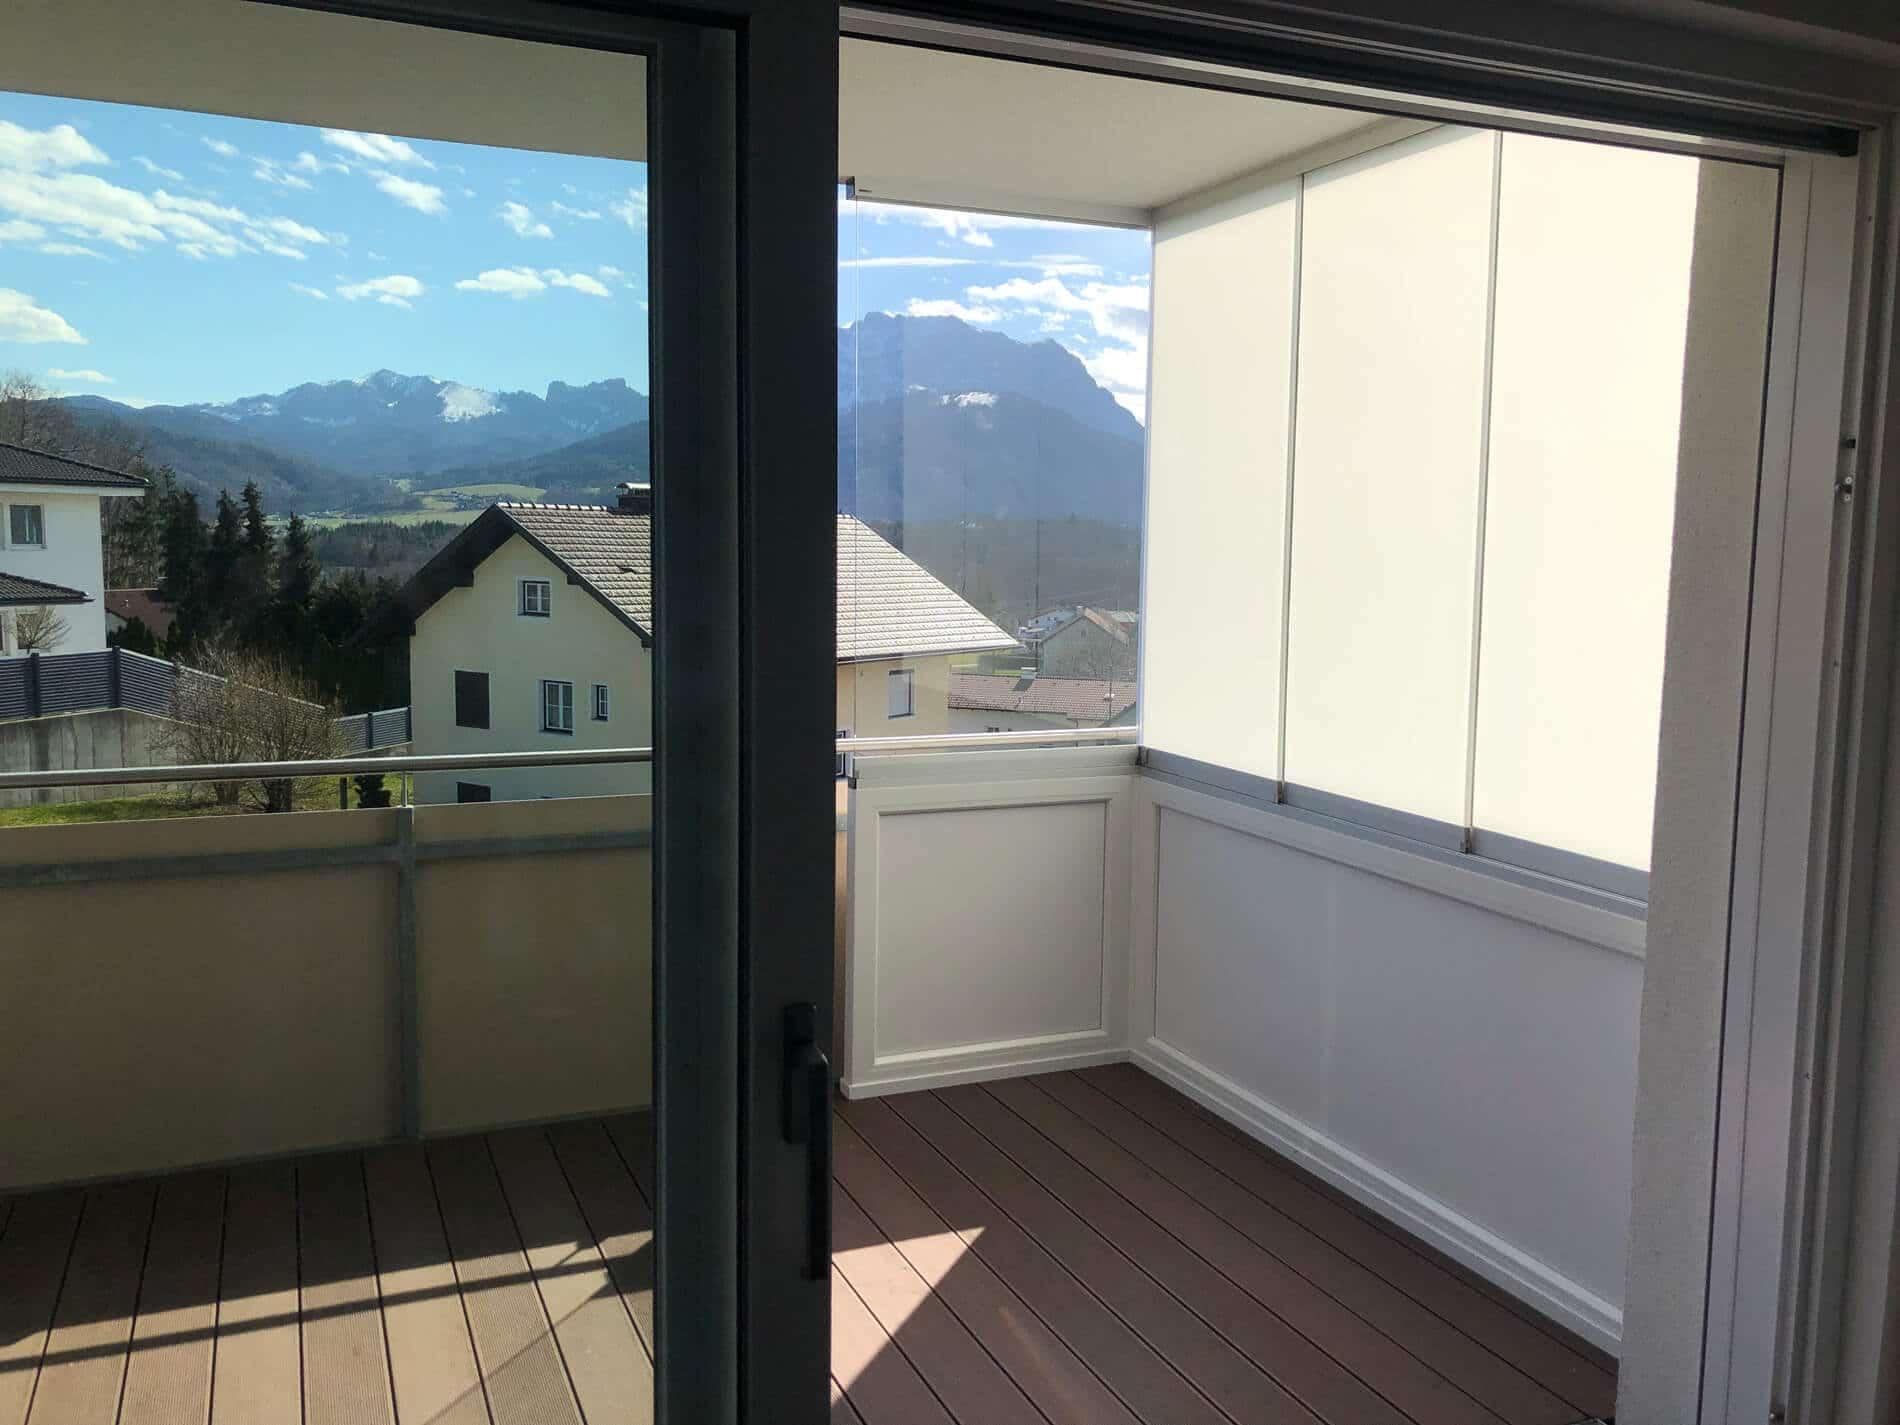 Windschutz und Sichtschutz für Balkone